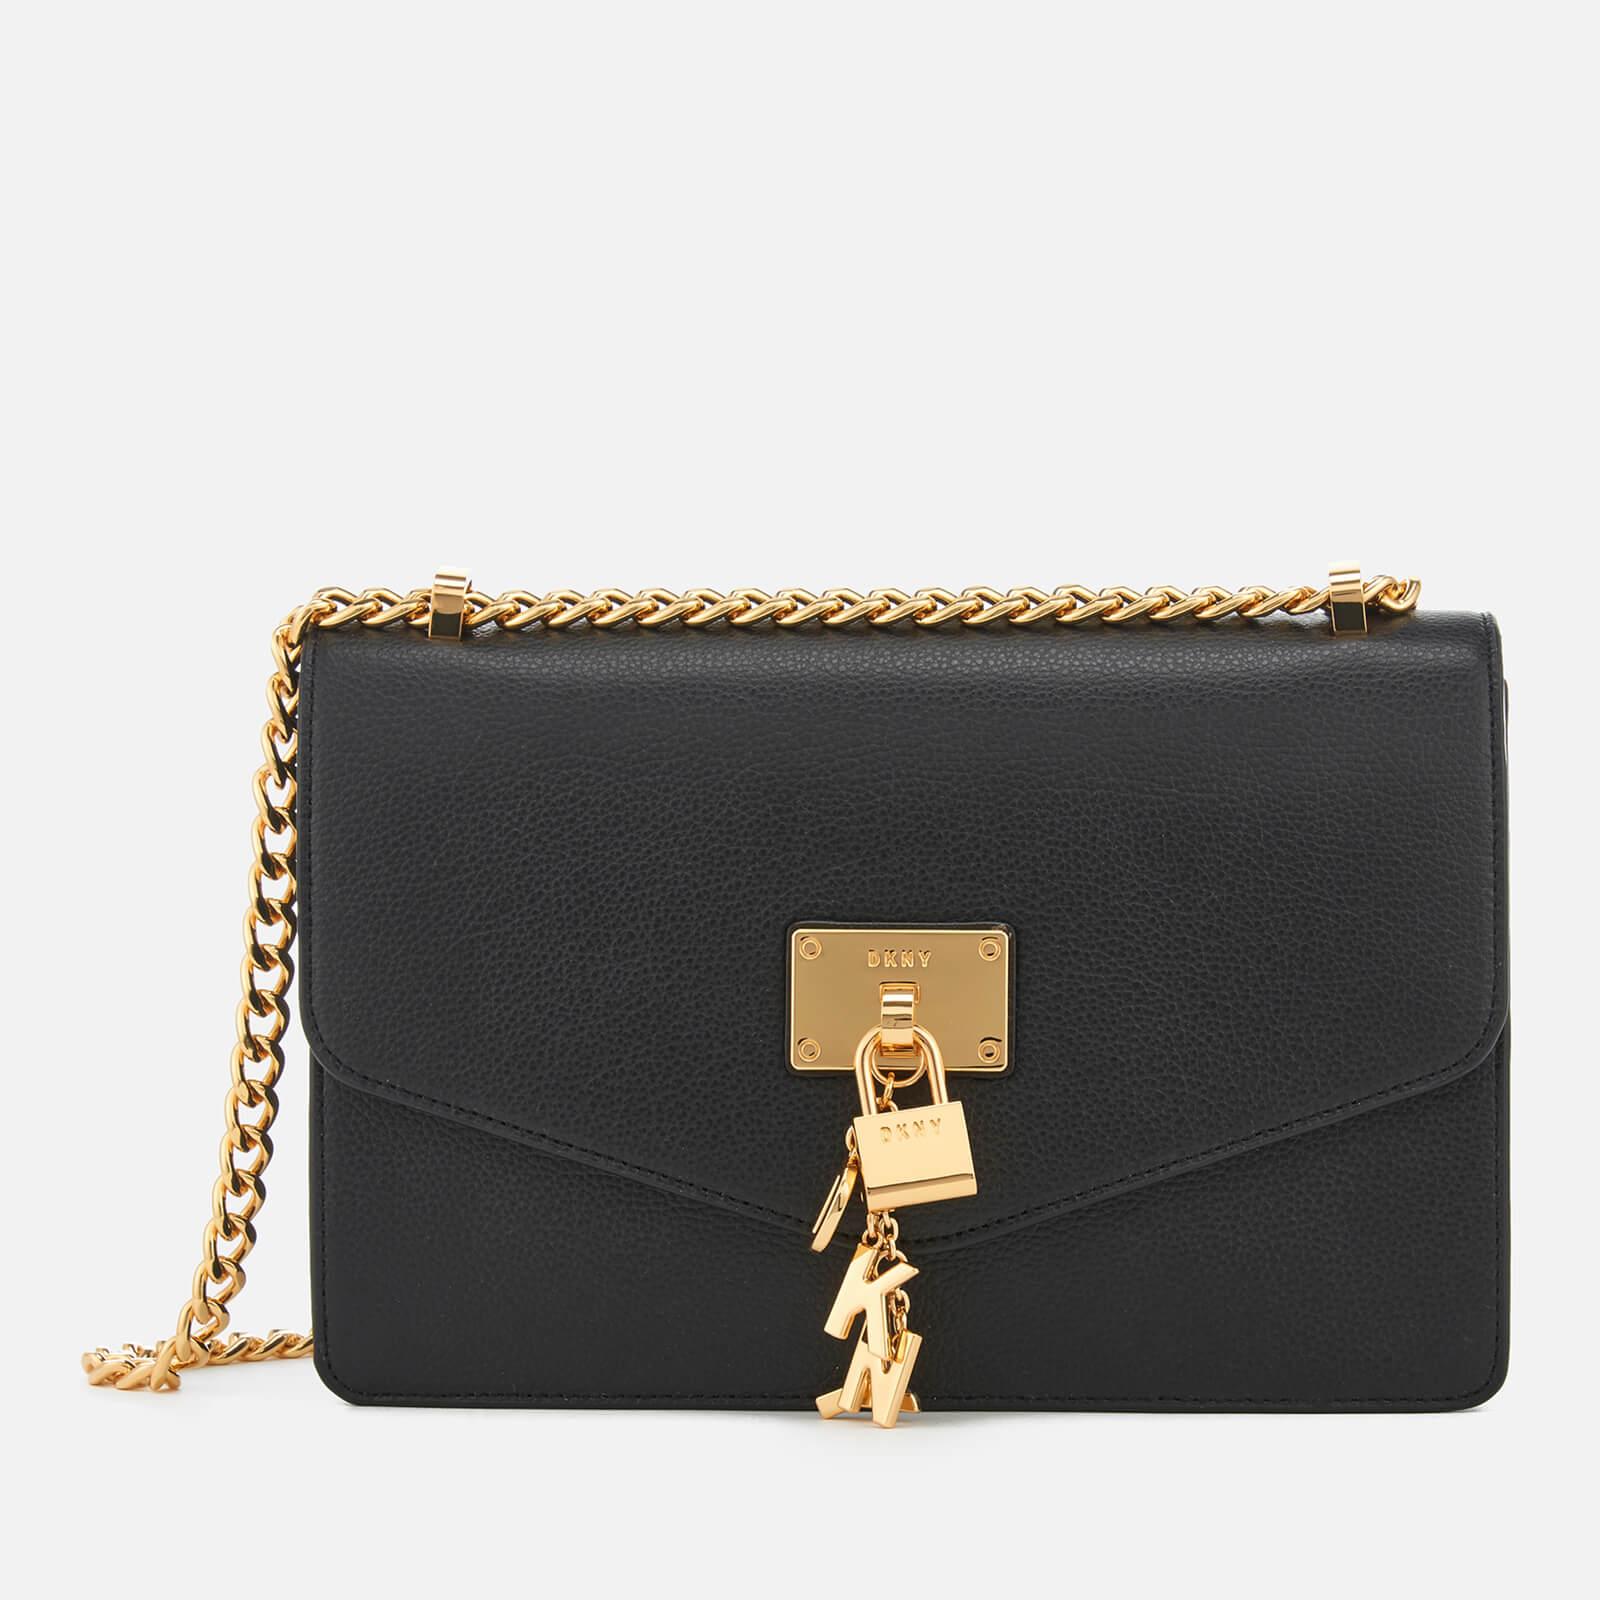 83862a29c DKNY Women's Elissa Large Shoulder Bag - Black - Free UK Delivery over £50